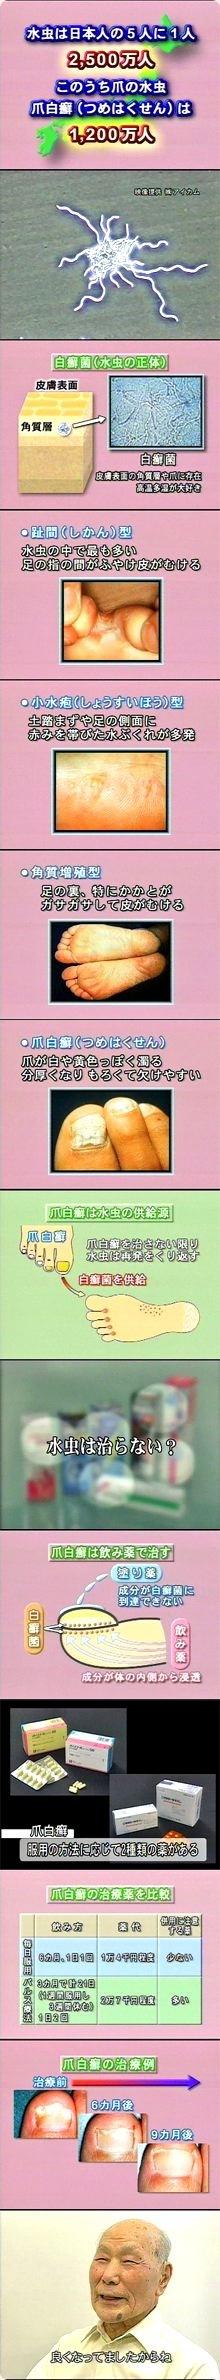 水虫 指の間 皮がむける